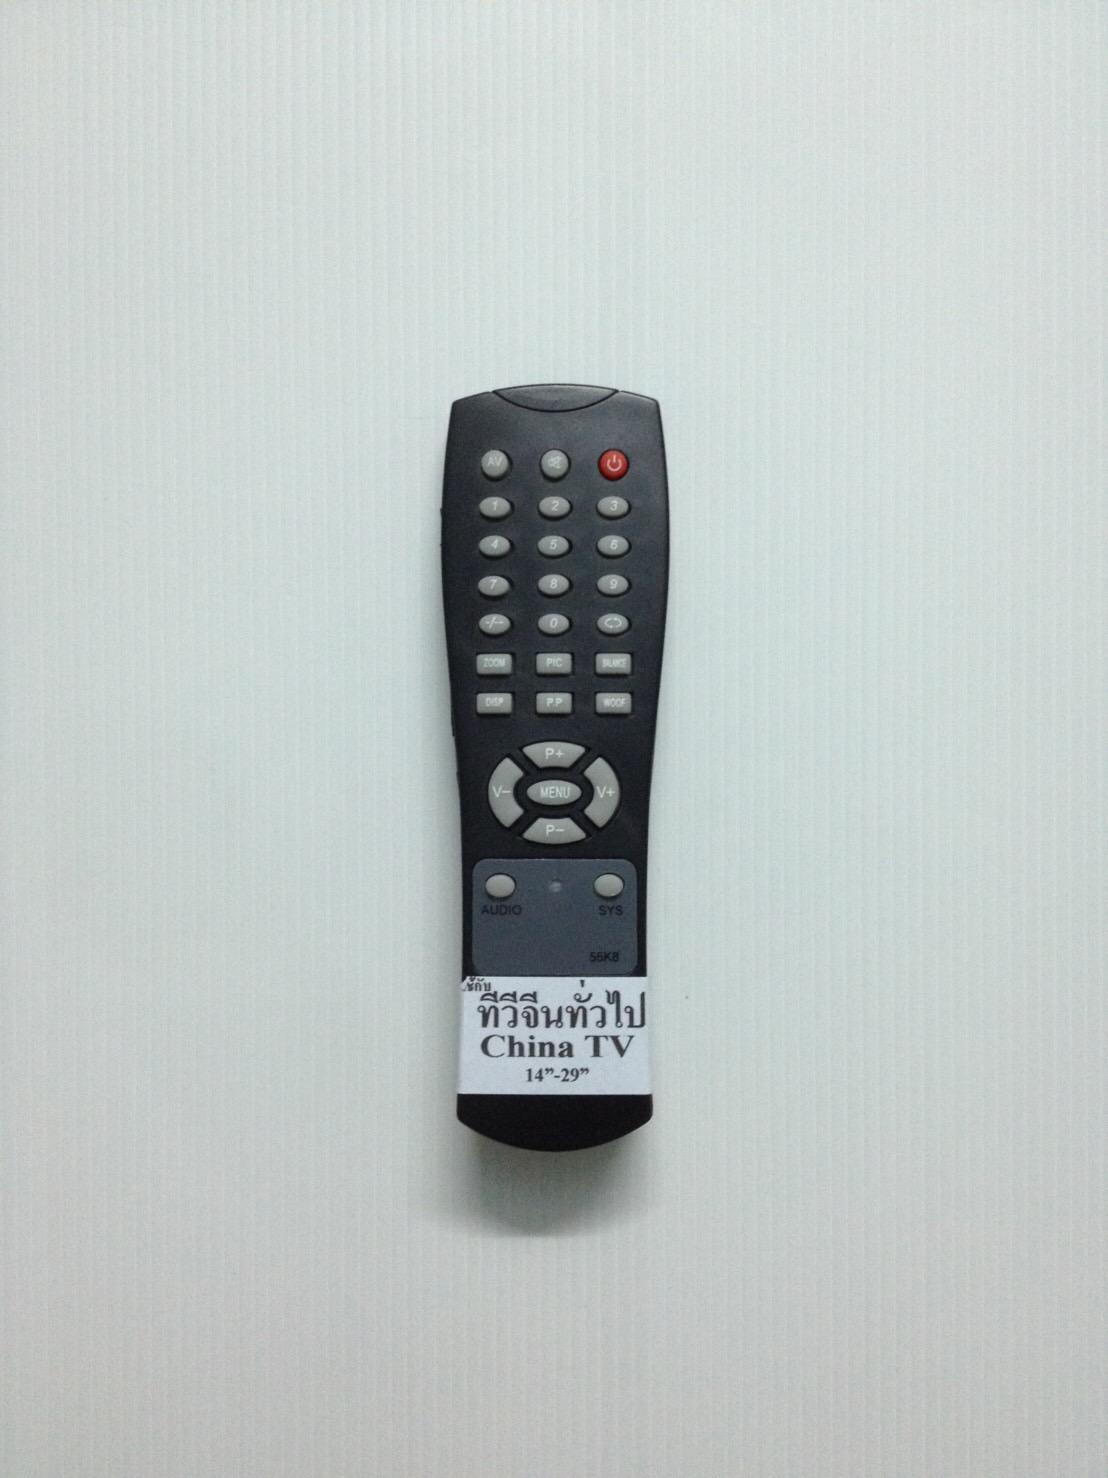 รีโมททีวีจีนทั่วไป 55K8 ลงหลายยี่ห้อ